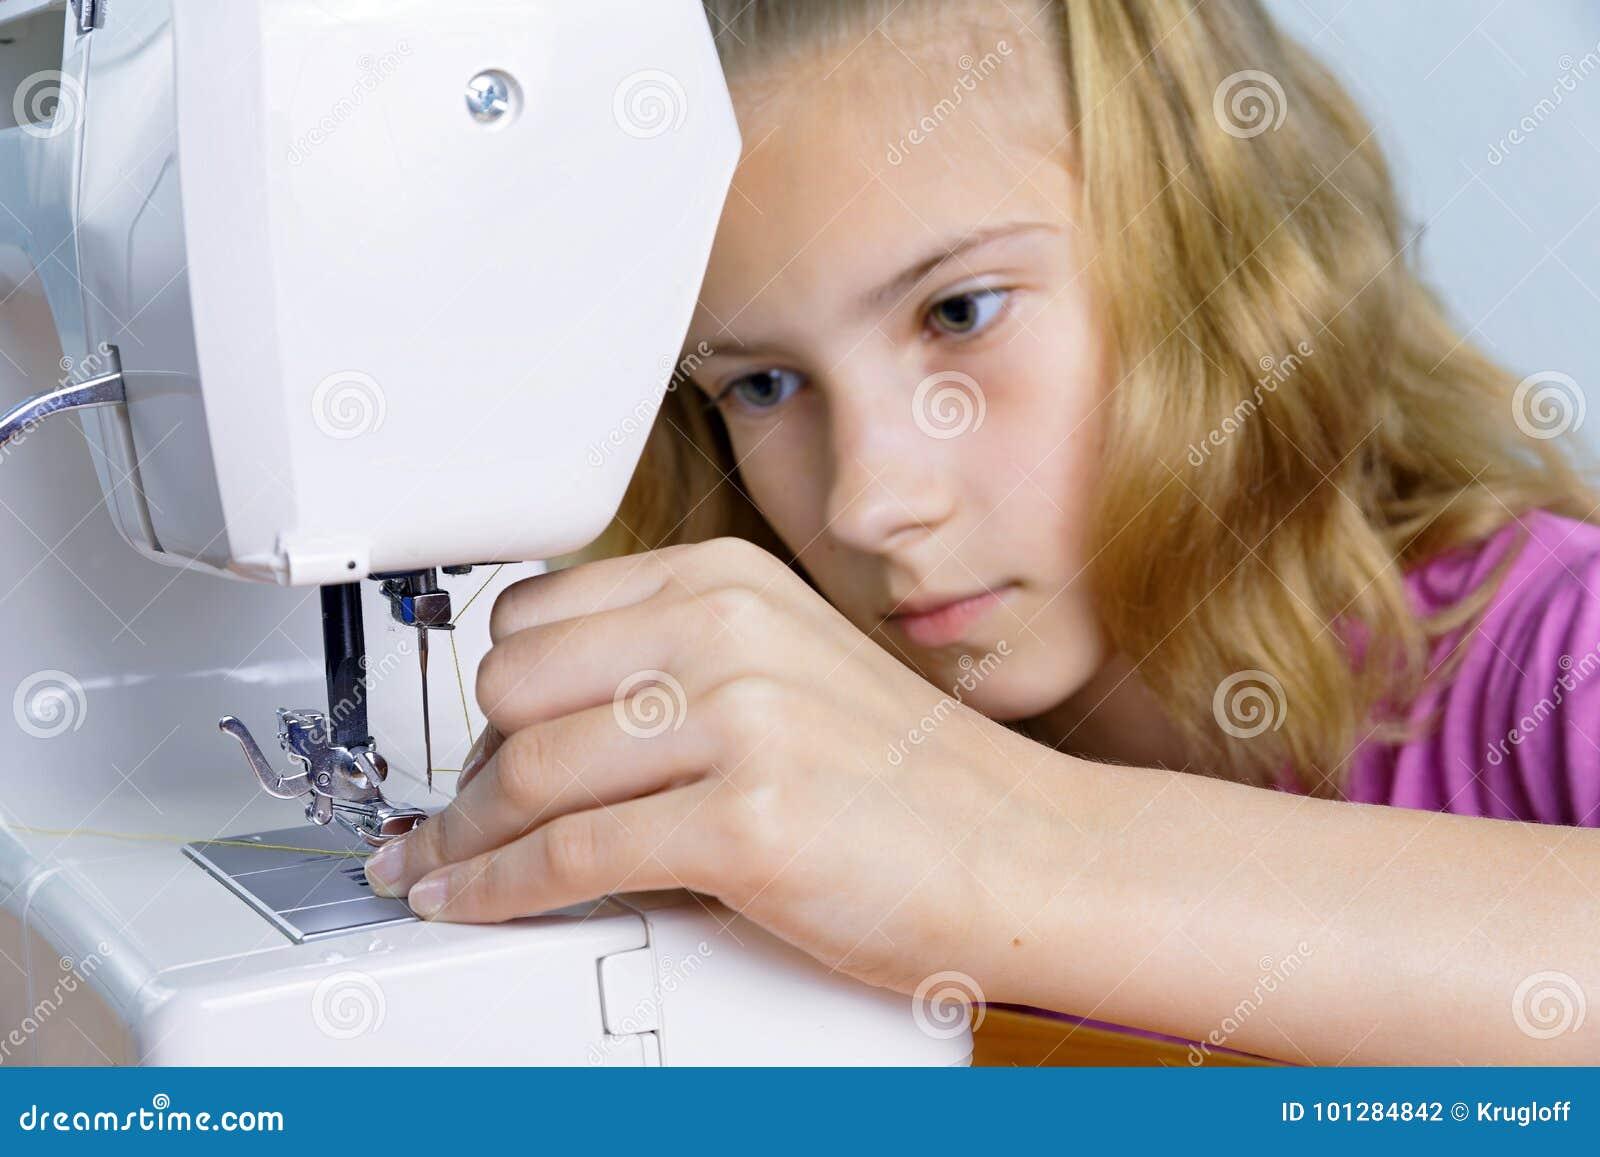 O adolescente introduz com cuidado a linha na agulha